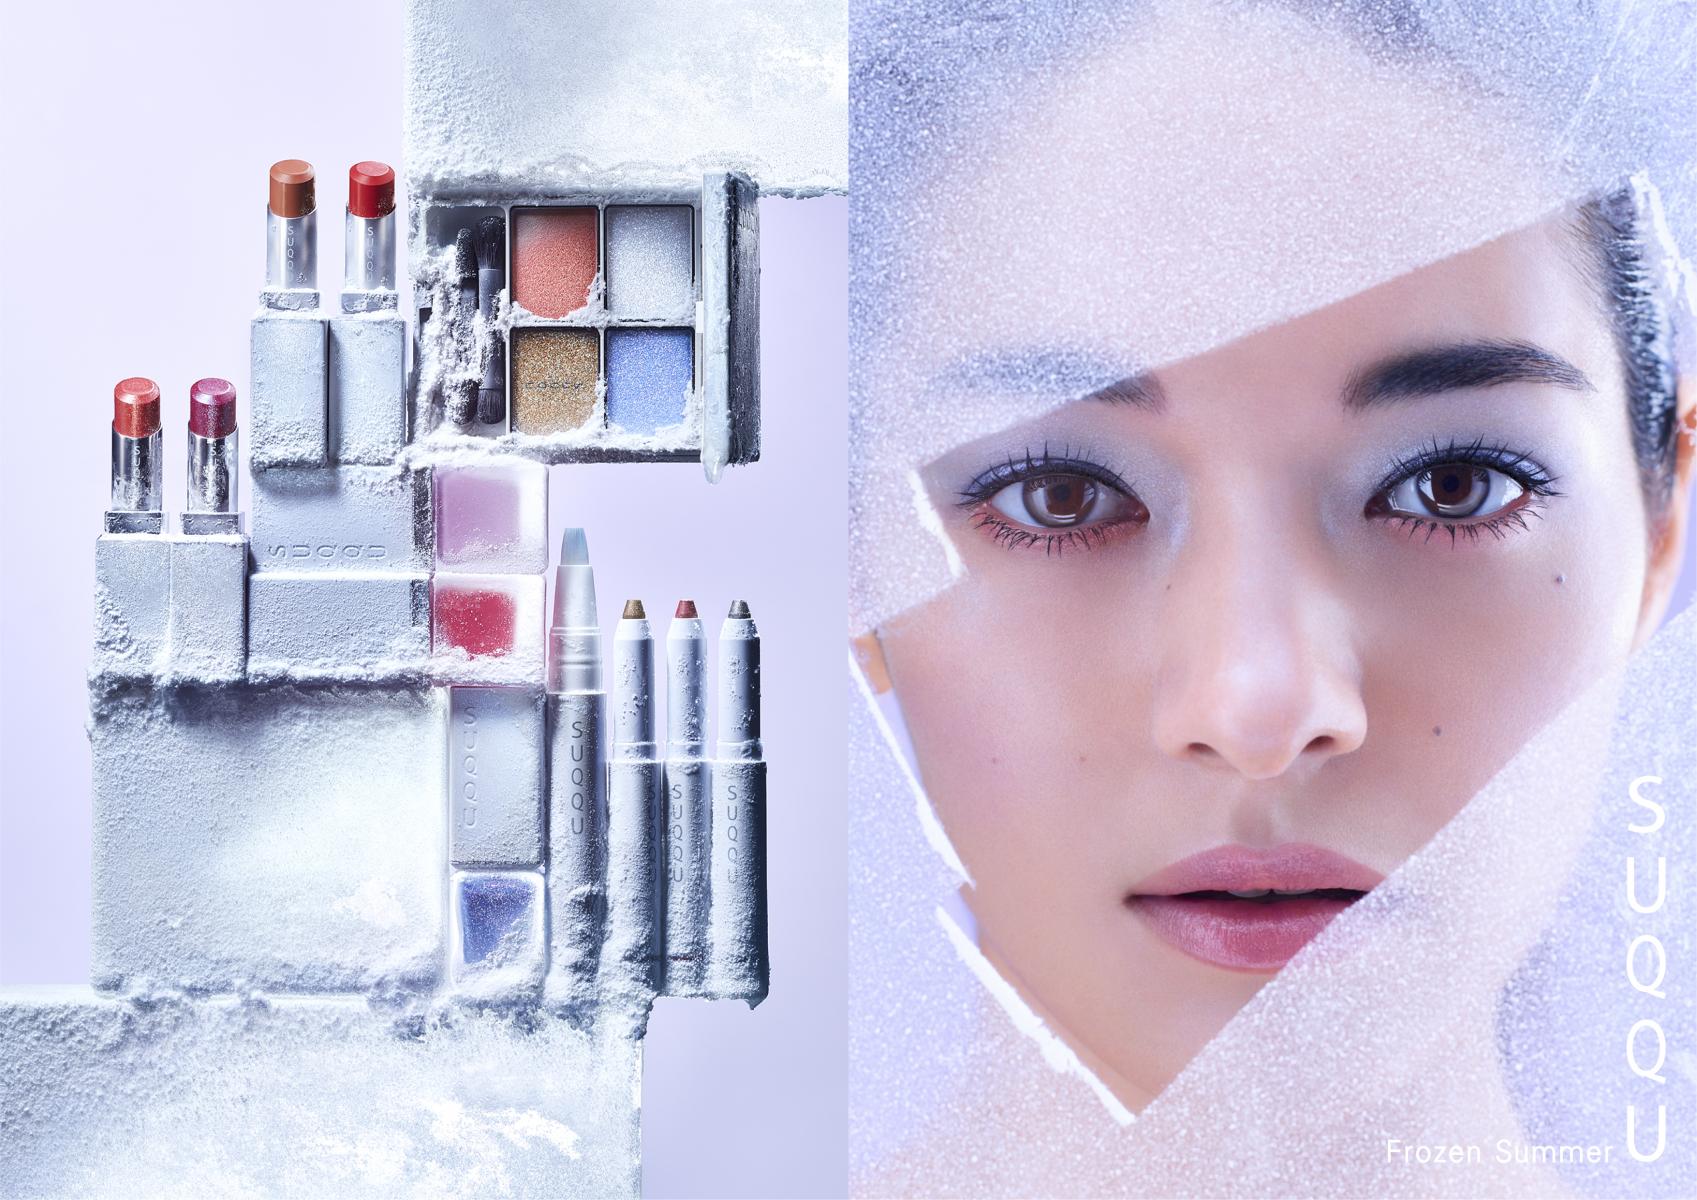 「スック」の2020年サマーコレクションは、色もパッケージもひんやり涼しげなアイシーカラー